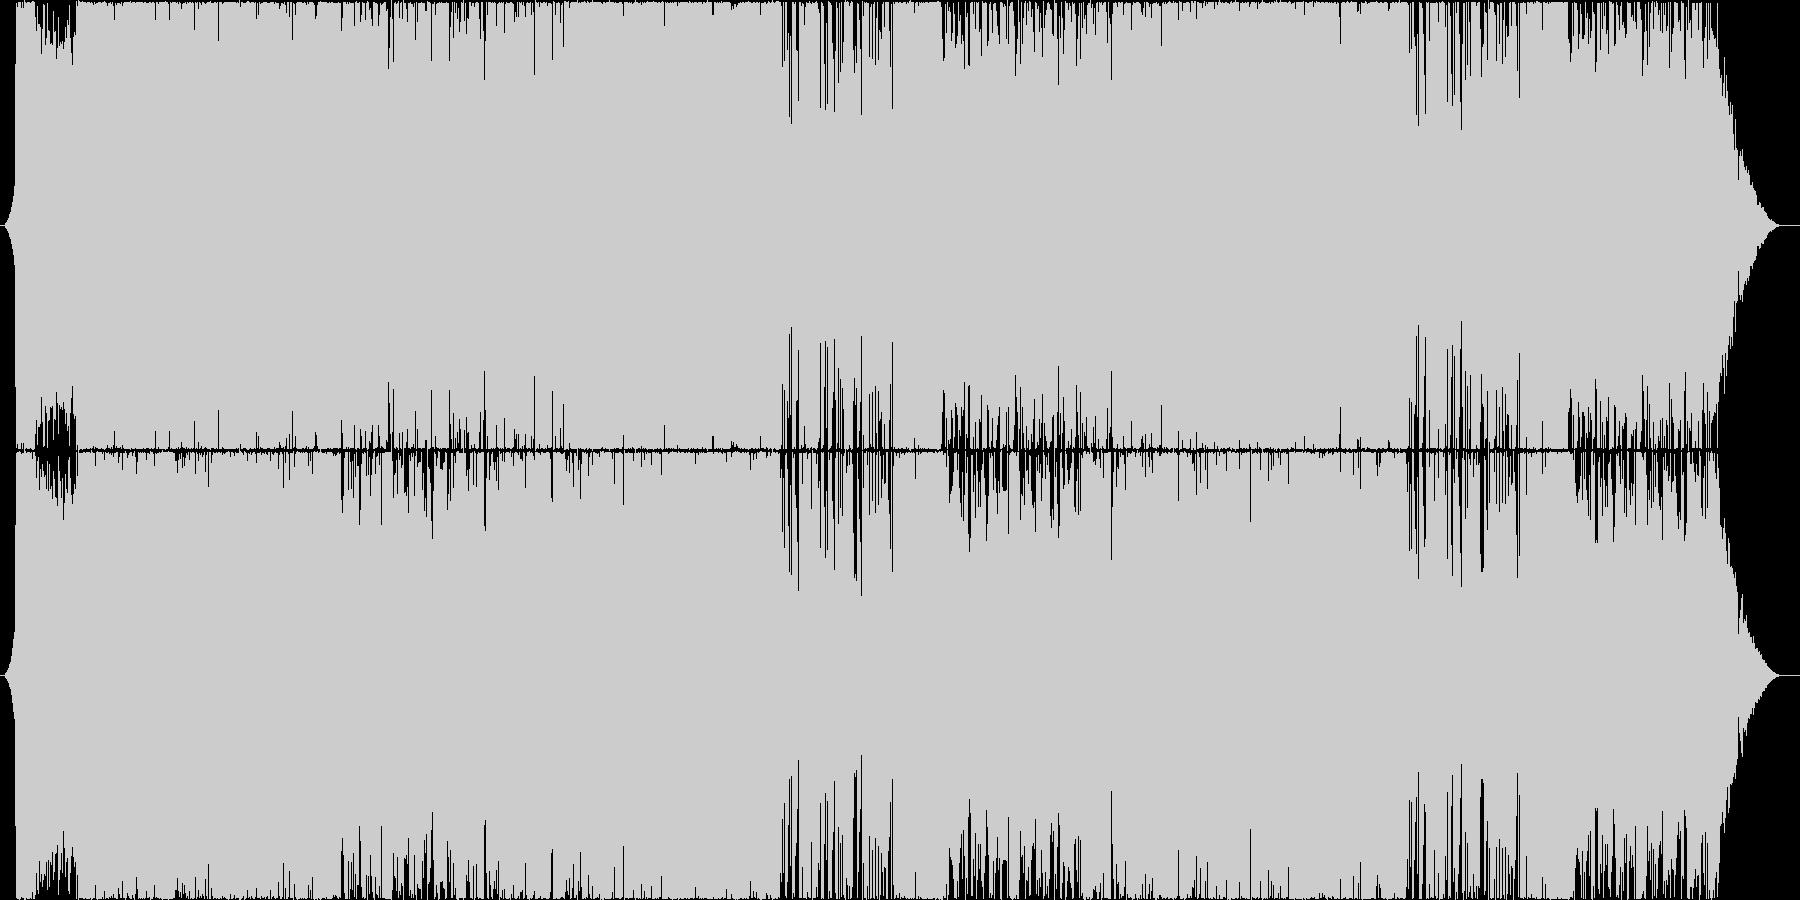 ギターとストリングスの王道バトル曲の未再生の波形